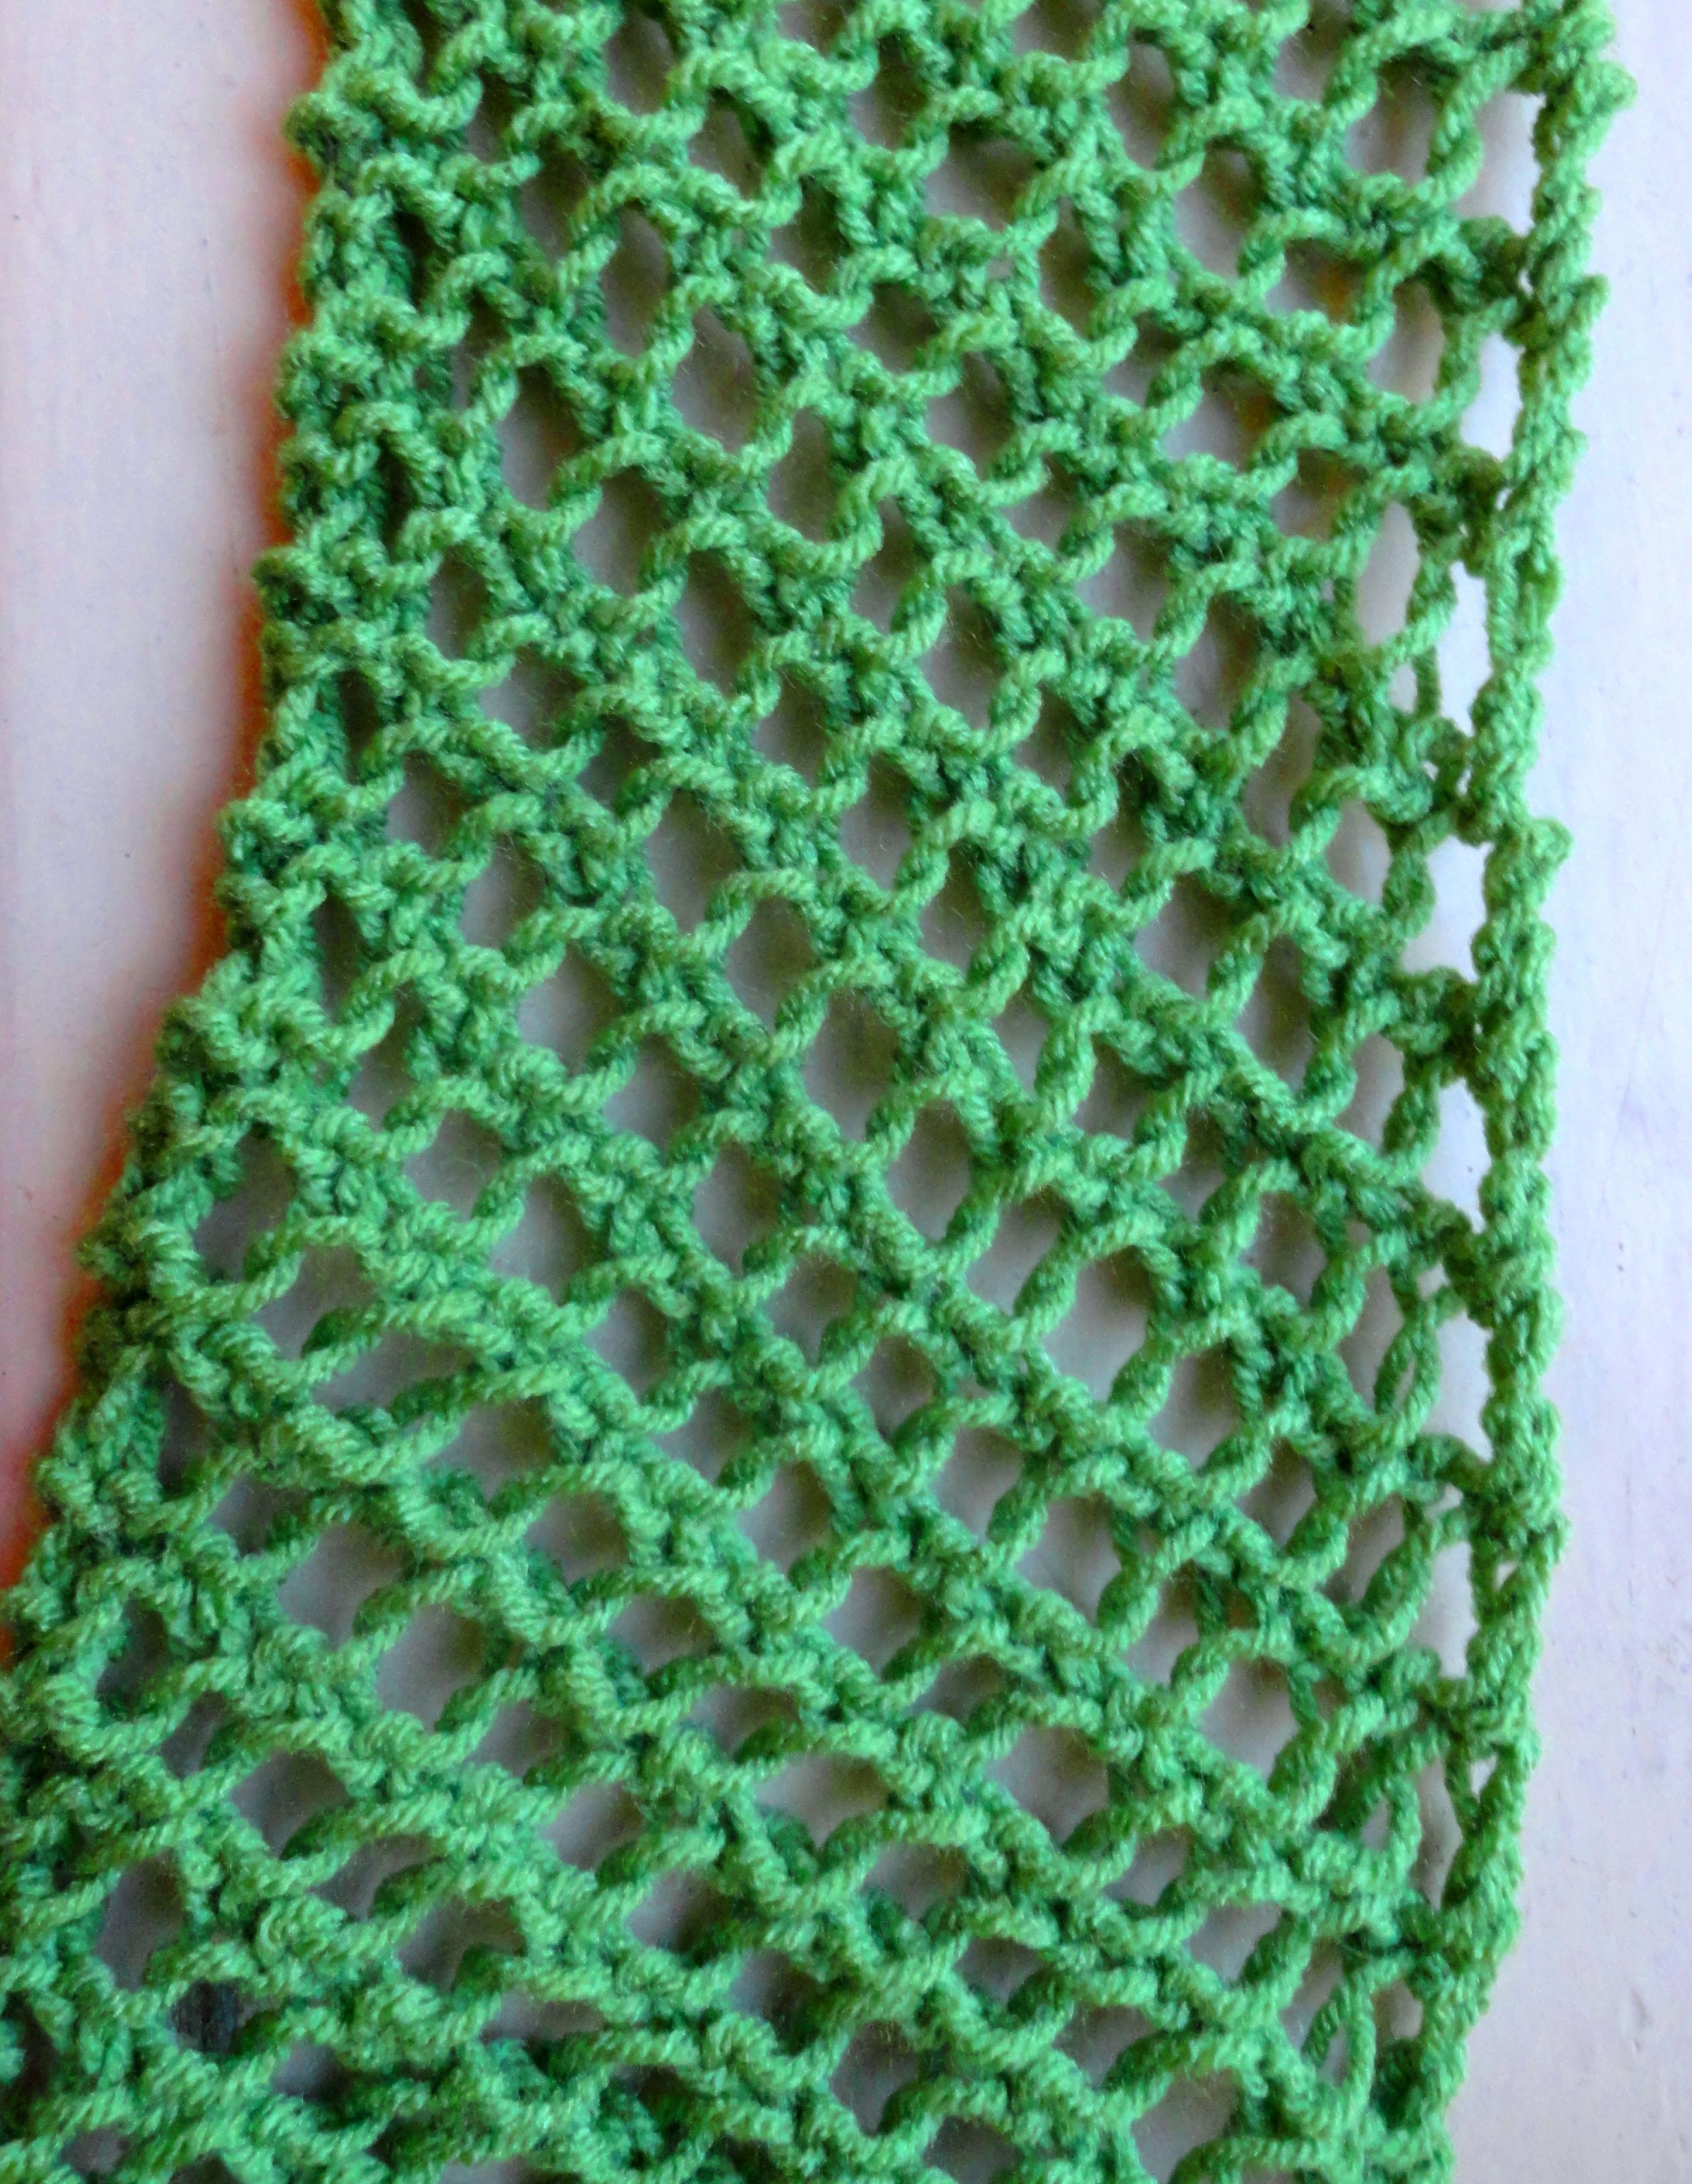 Horizontal eyelet lace knitting pattern eyelet lace lace horizontal eyelet lace knitting pattern eyelet lace lace knitting patterns and knitting patterns bankloansurffo Choice Image